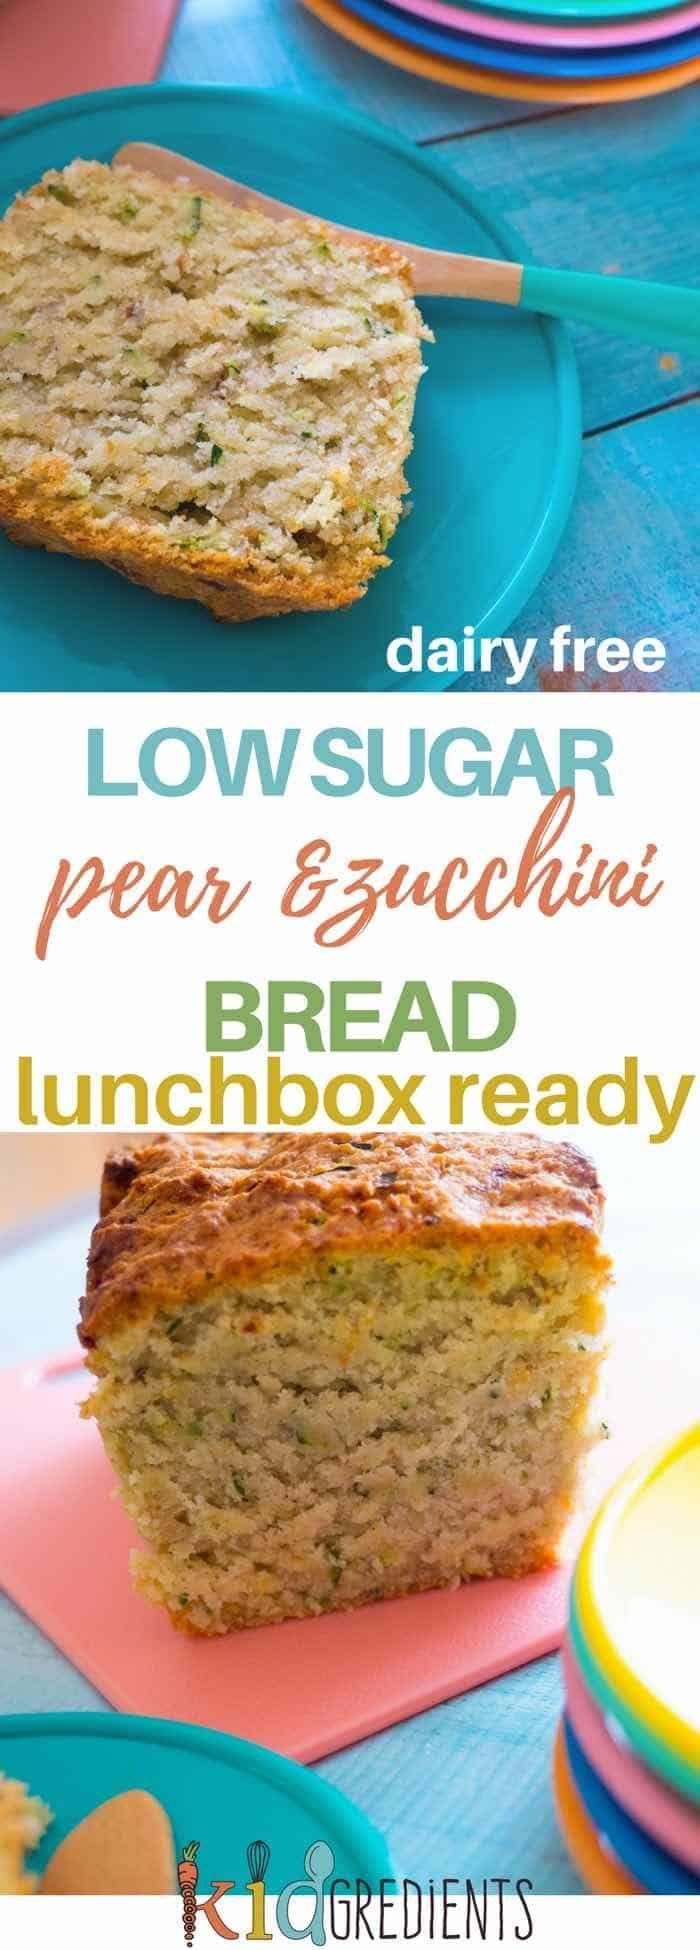 Pear and zucchini bread